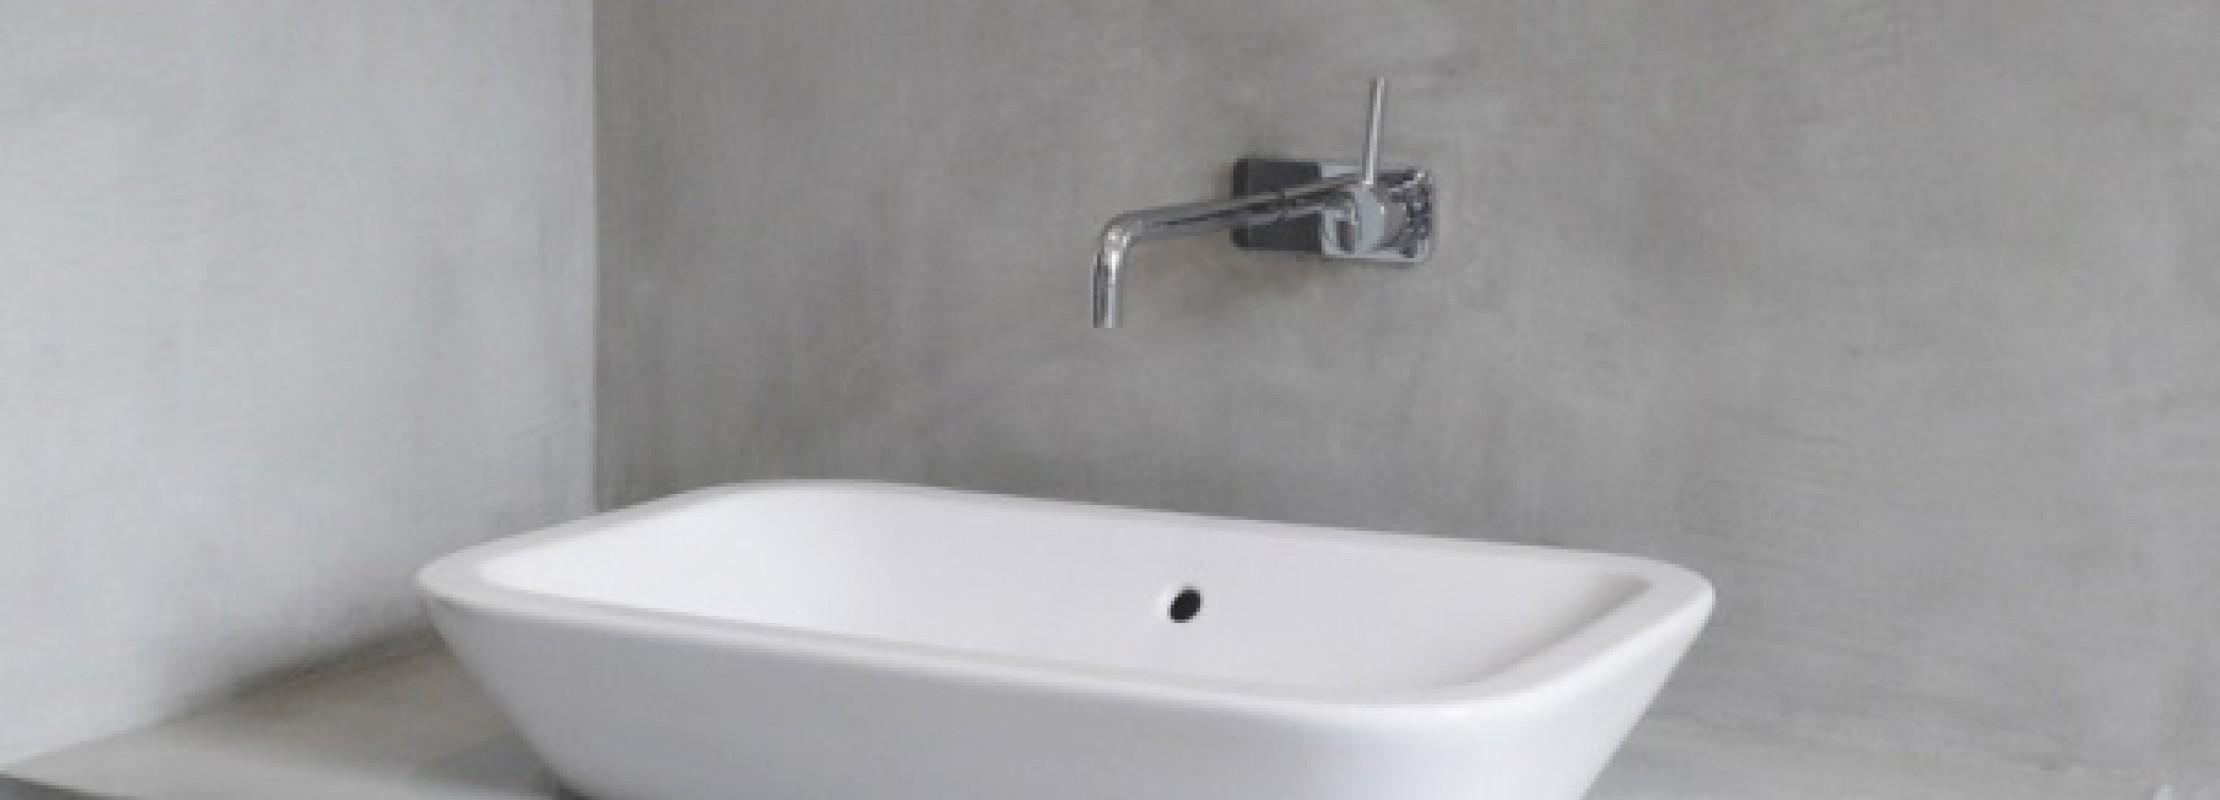 Vernice per piastrelle bagno prezzo bagno senza piastrelle